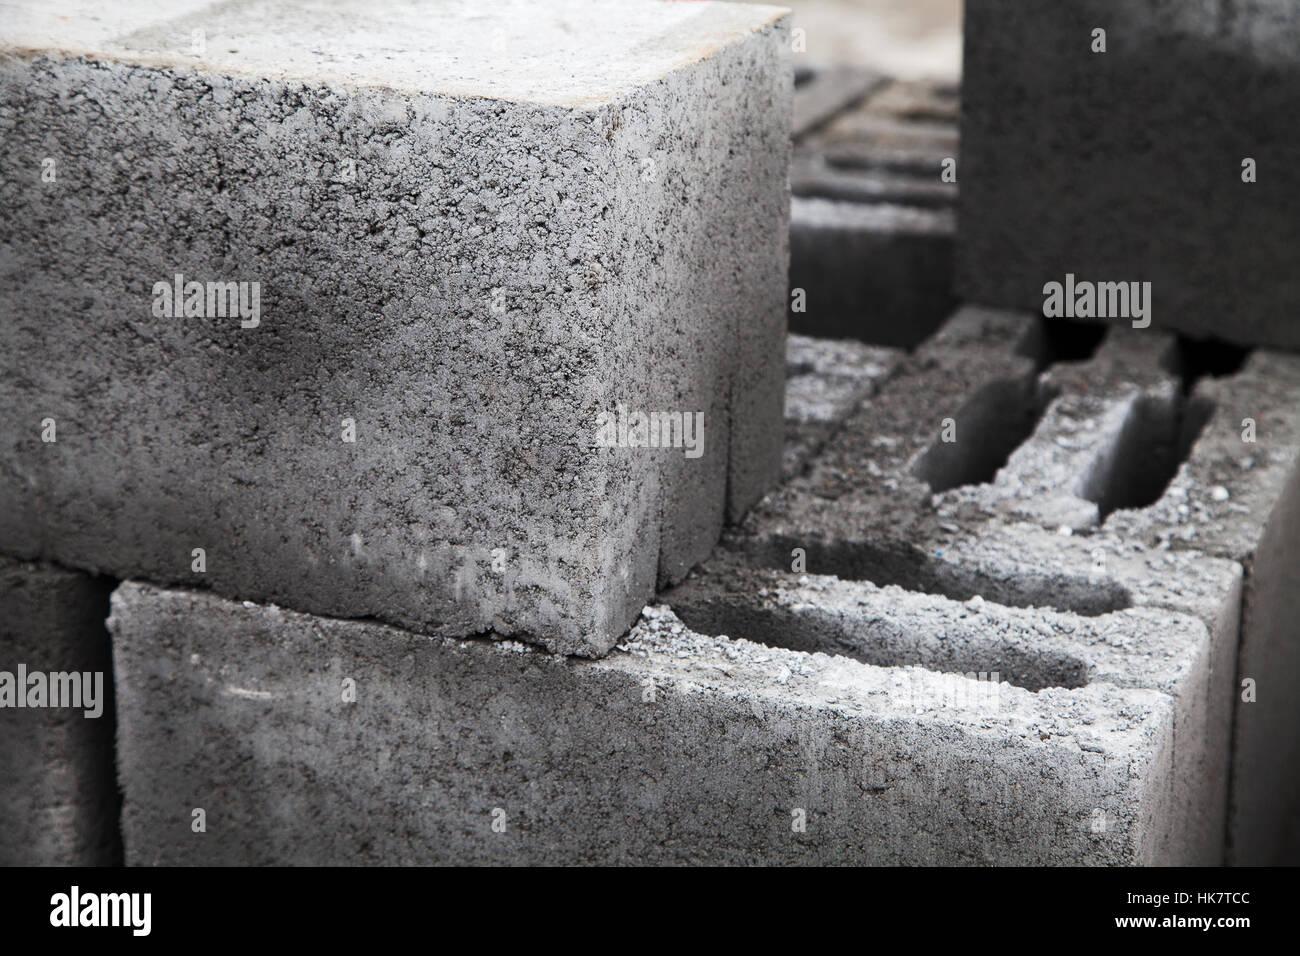 graue geb ude schlackensteine hergestellt aus zement gestapelten nahaufnahme eine menge von. Black Bedroom Furniture Sets. Home Design Ideas